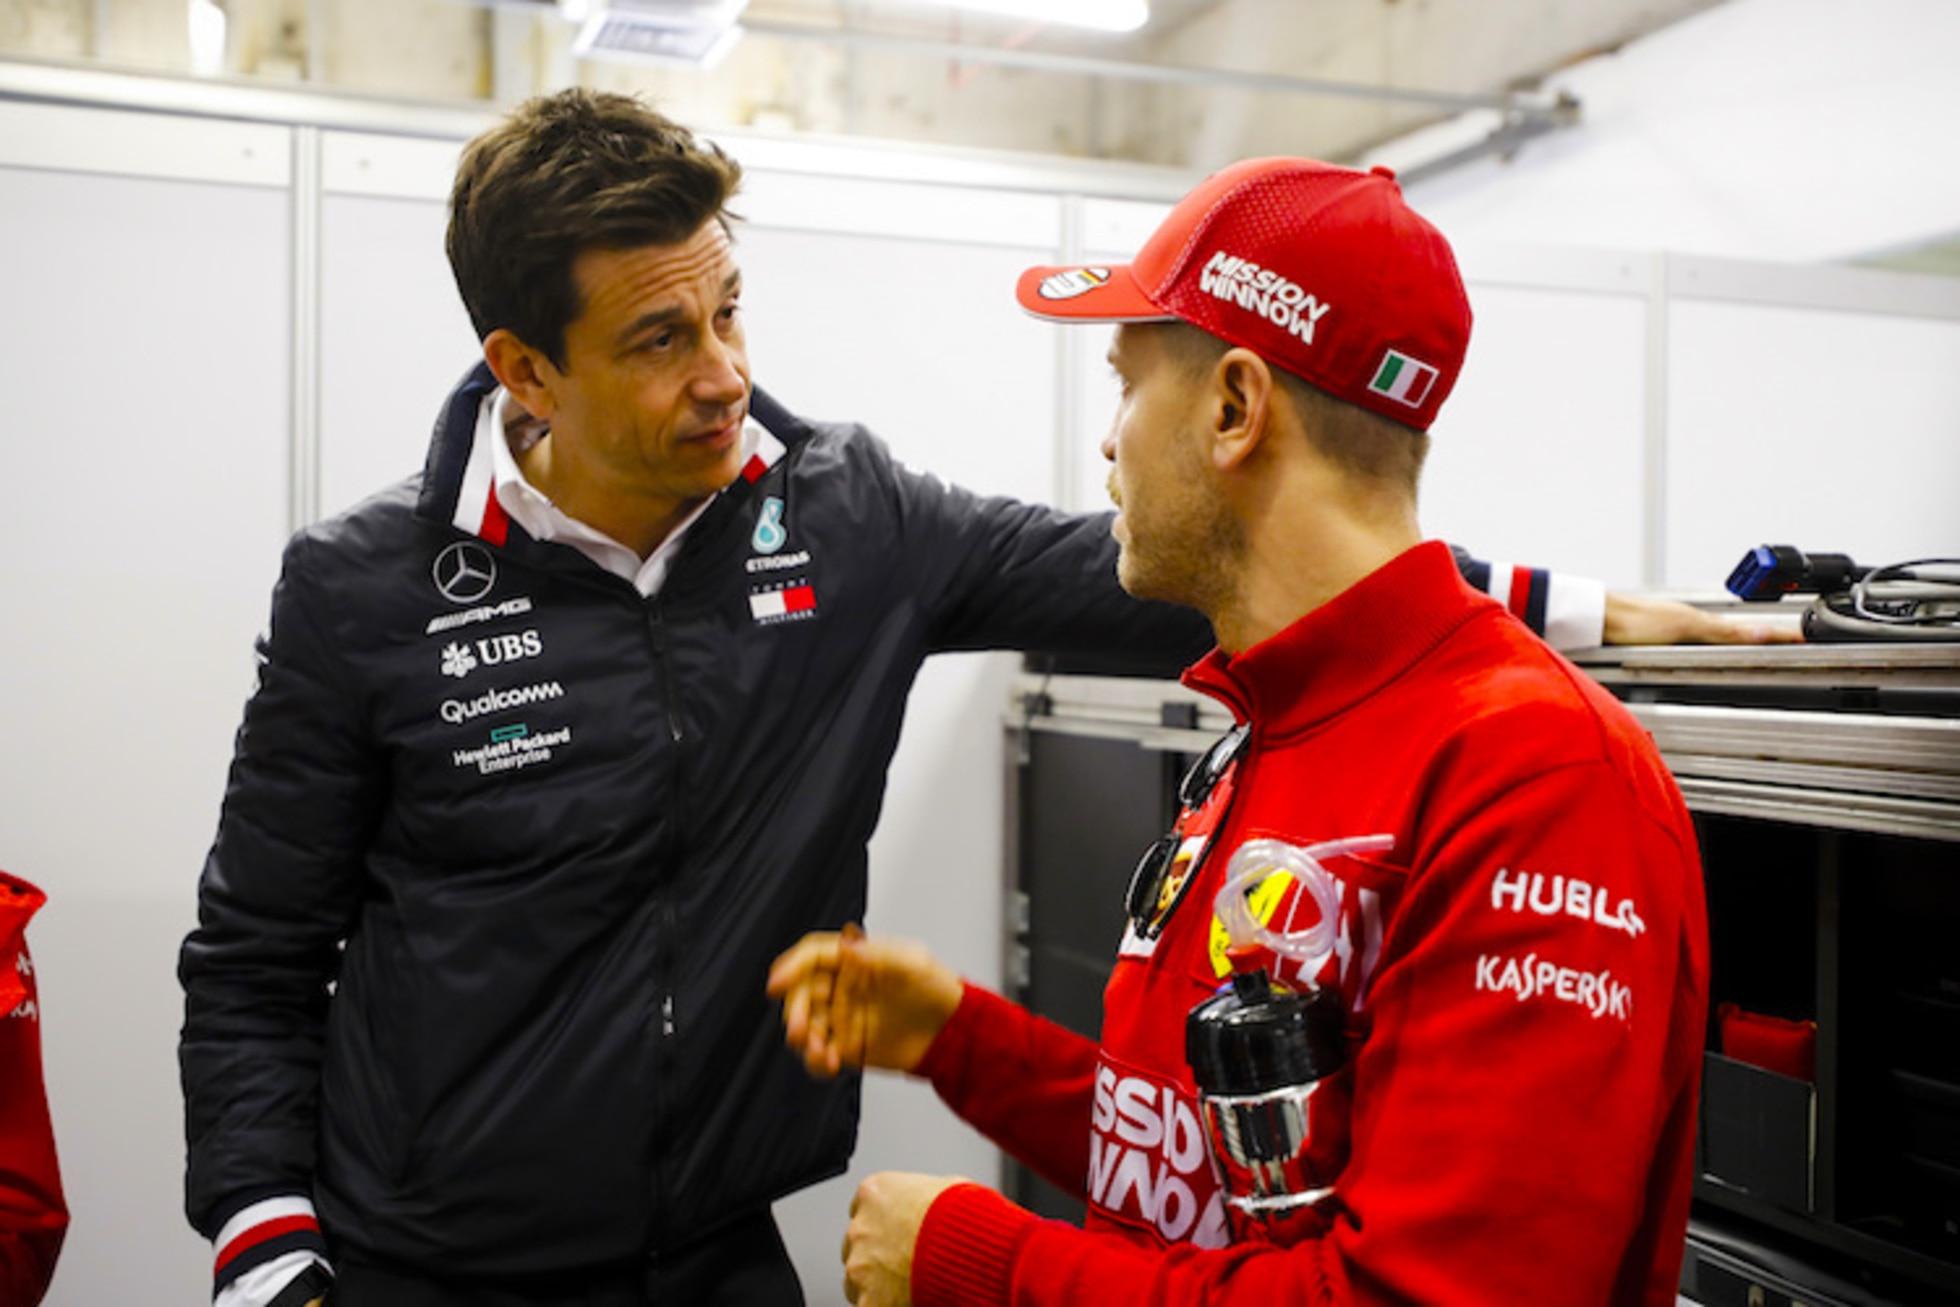 Toto Wolff: Analyse zu Vettel, Schumacher, Verstappen - SPEEDWEEK.COM